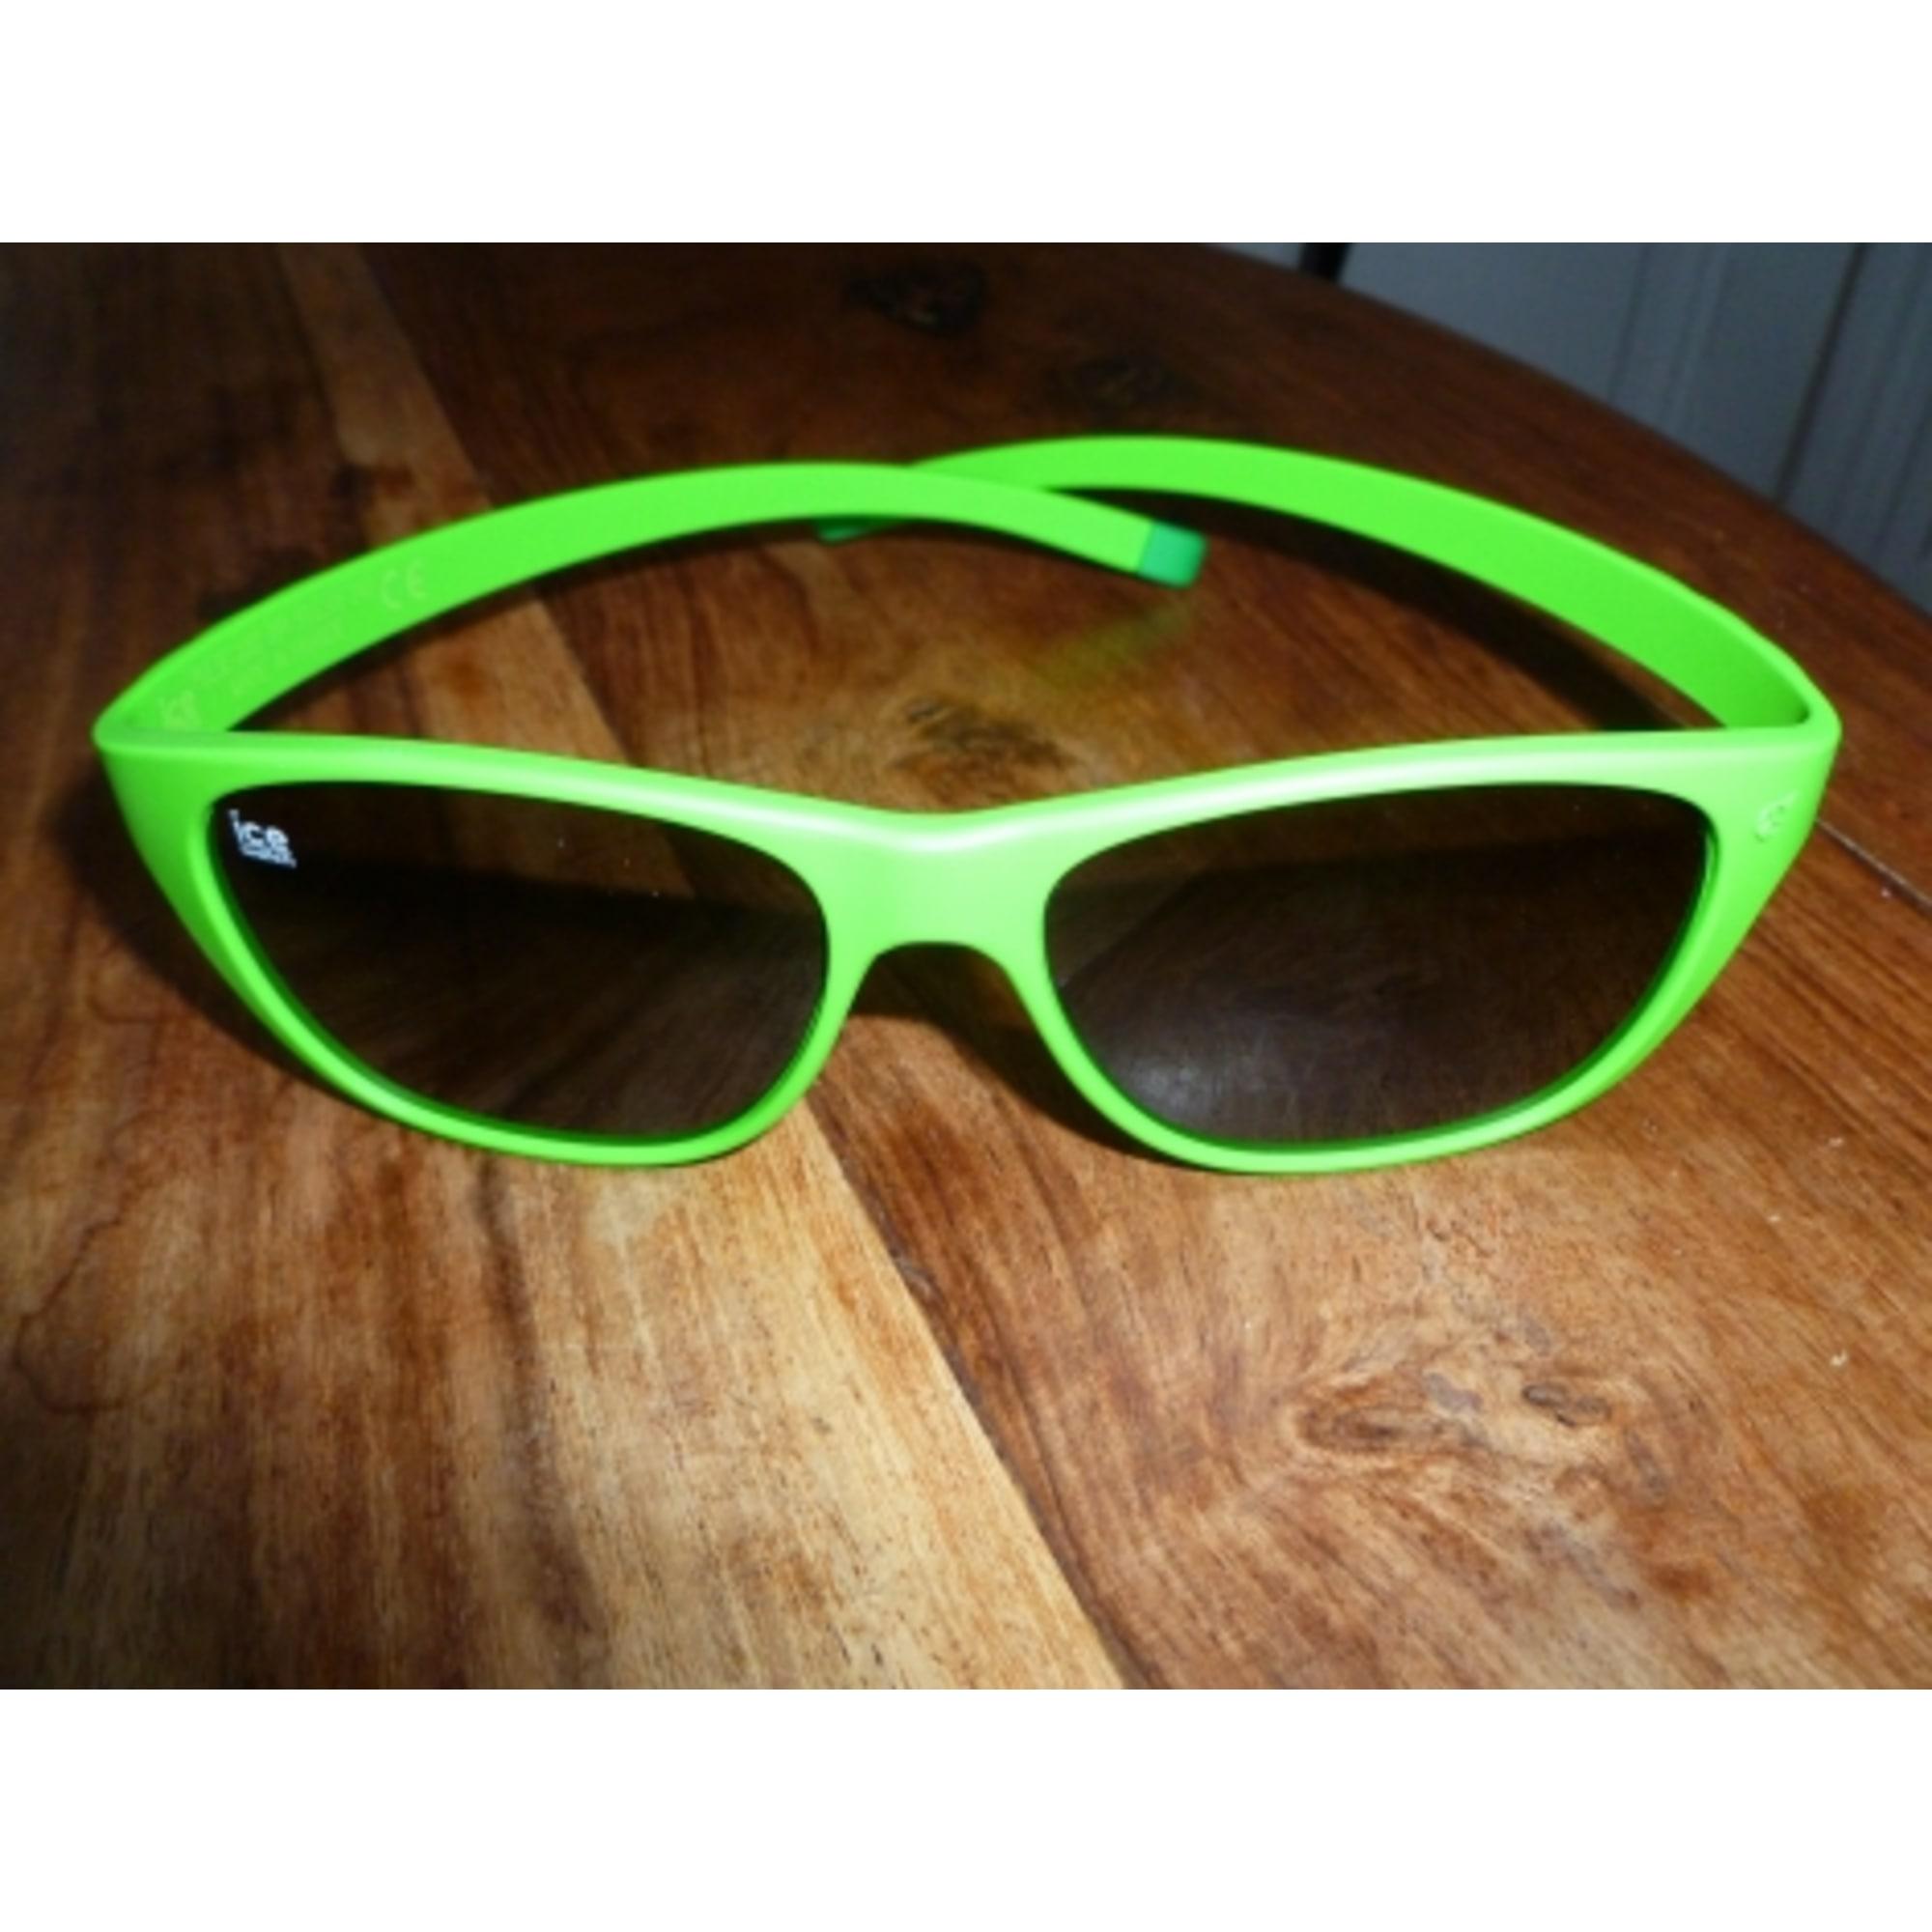 Lunettes de soleil ICE WATCH vert vendu par Papillon 958973 ... 07175e17bef9